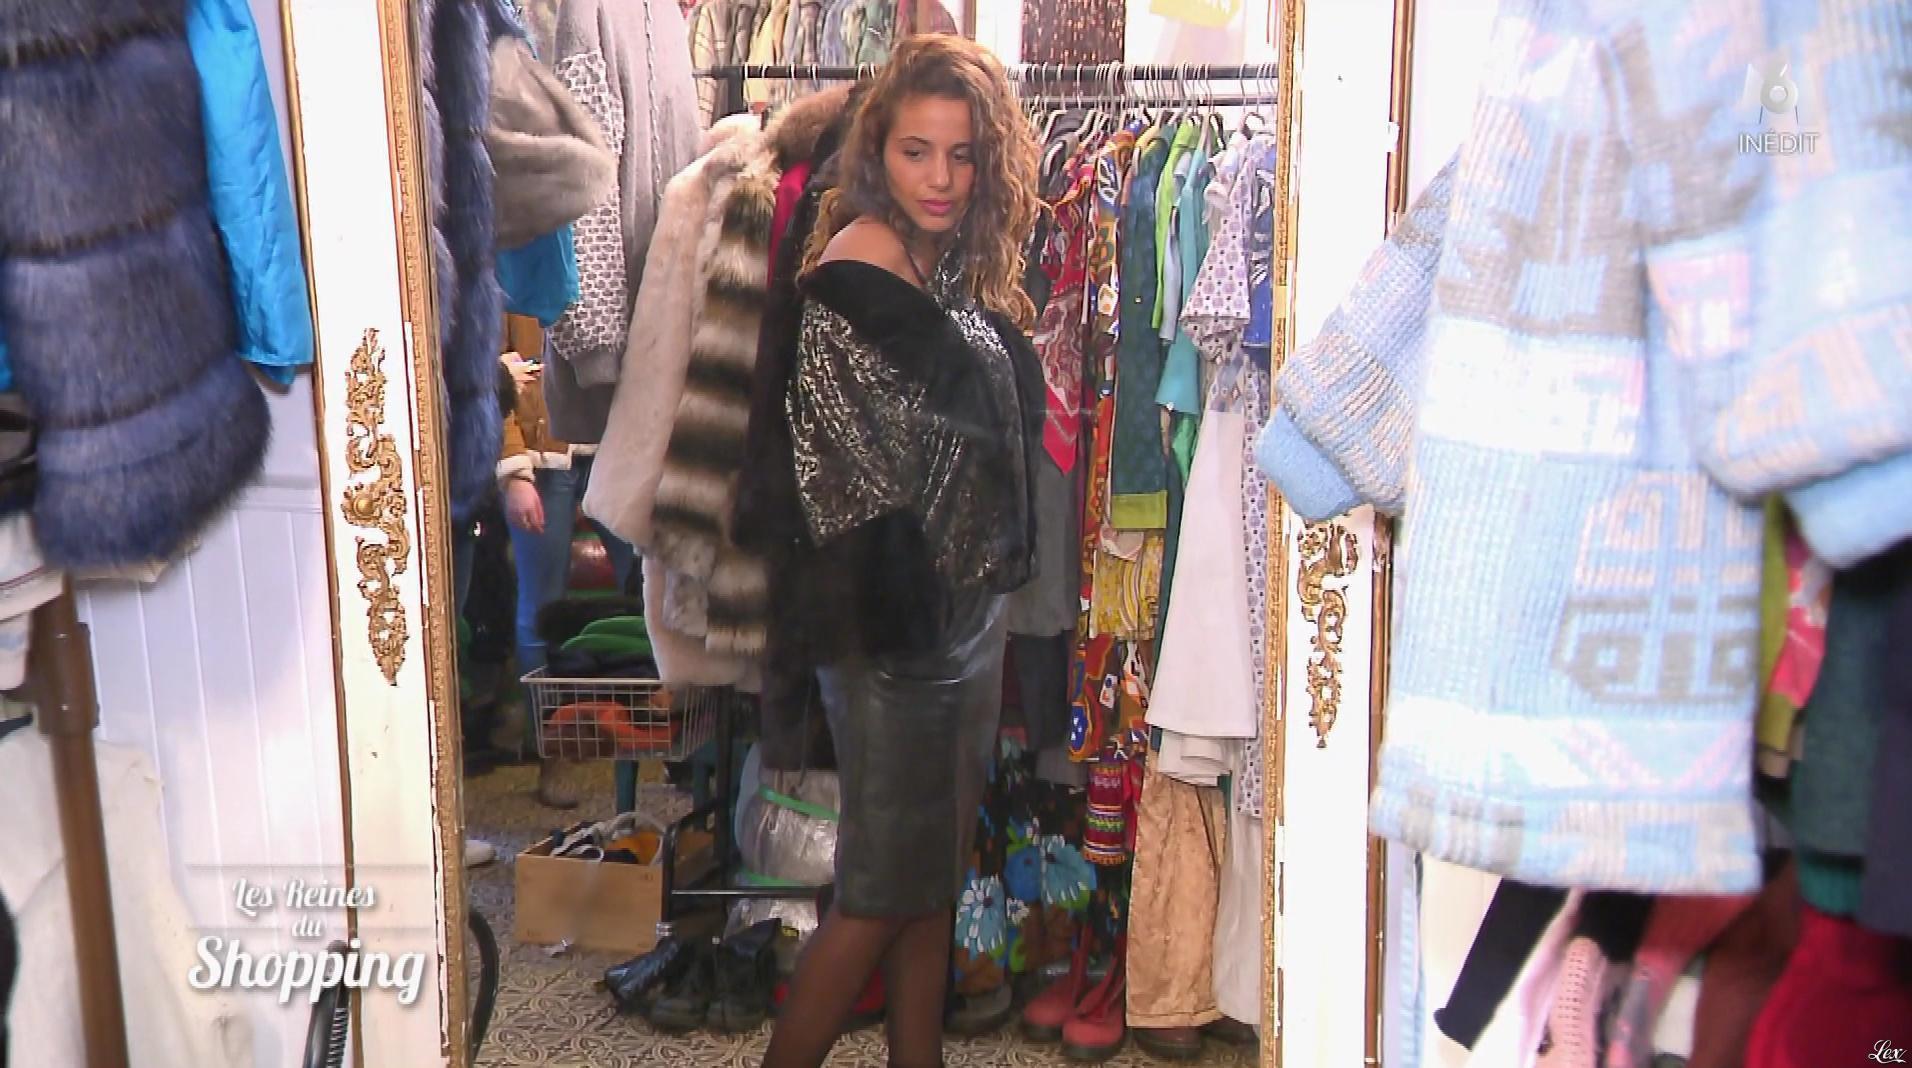 Une Candidate dans les Reines du Shopping. Diffusé à la télévision le 07/03/18.